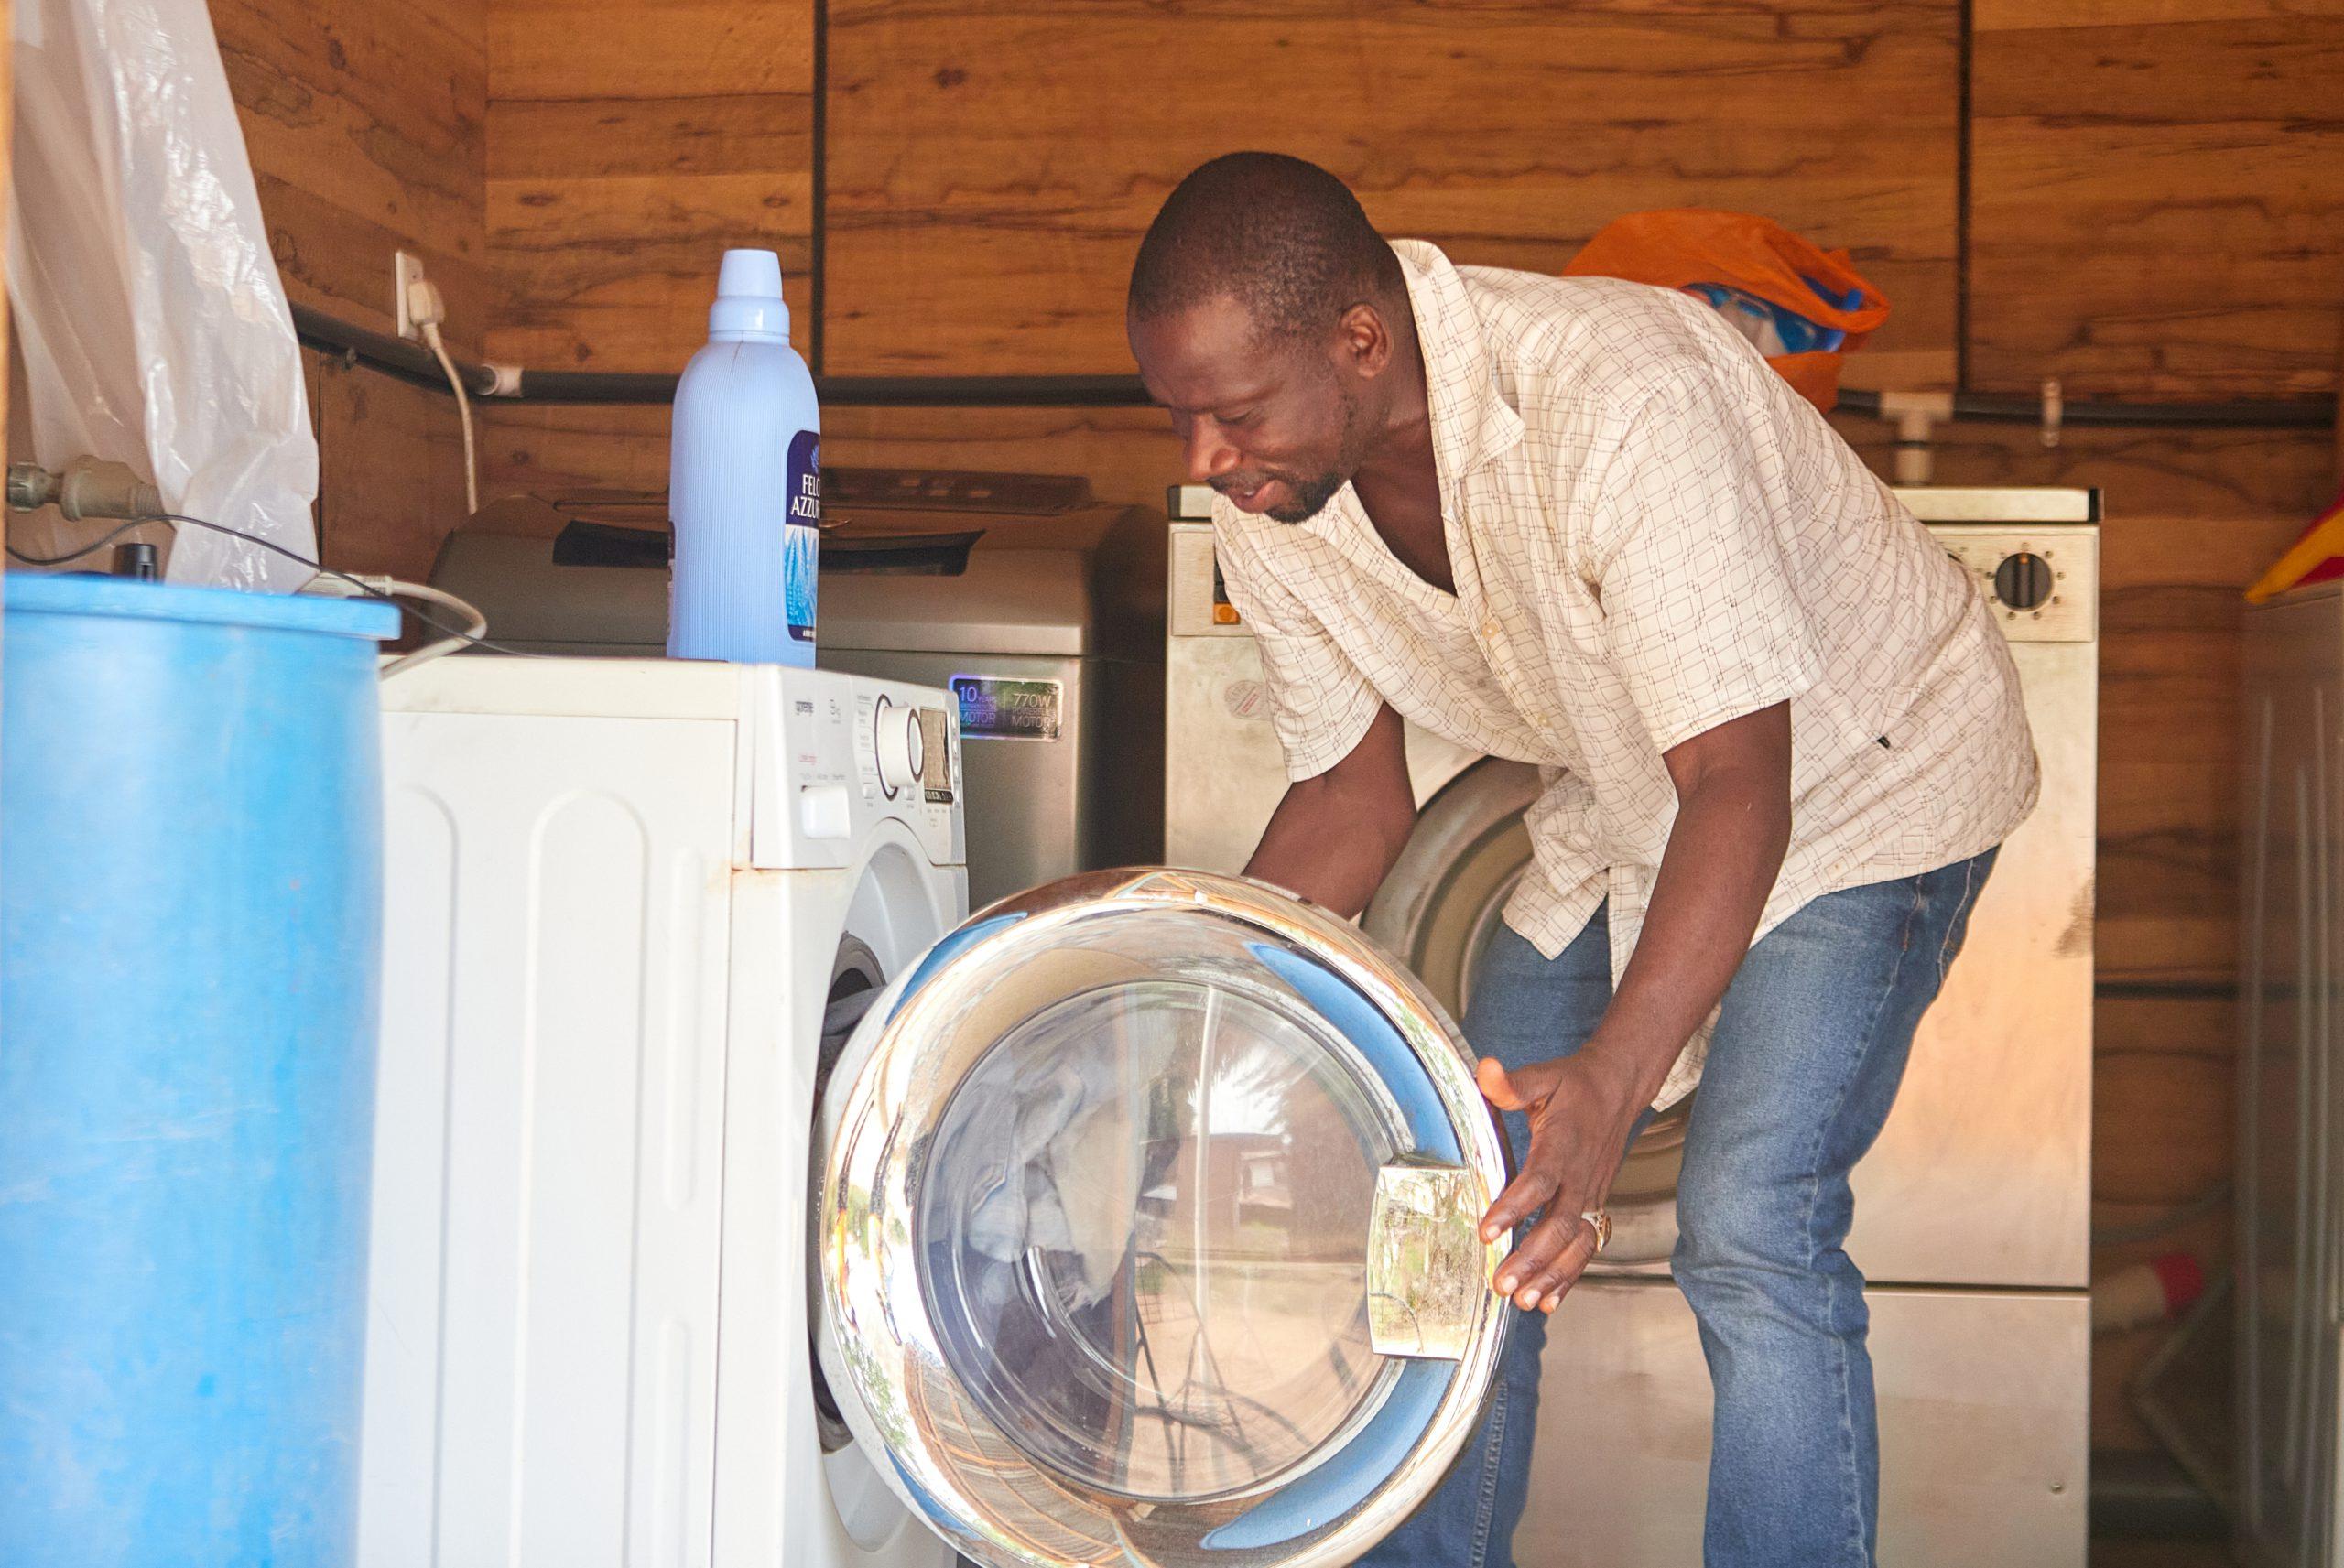 A Ghanaian man loading a washing machine.